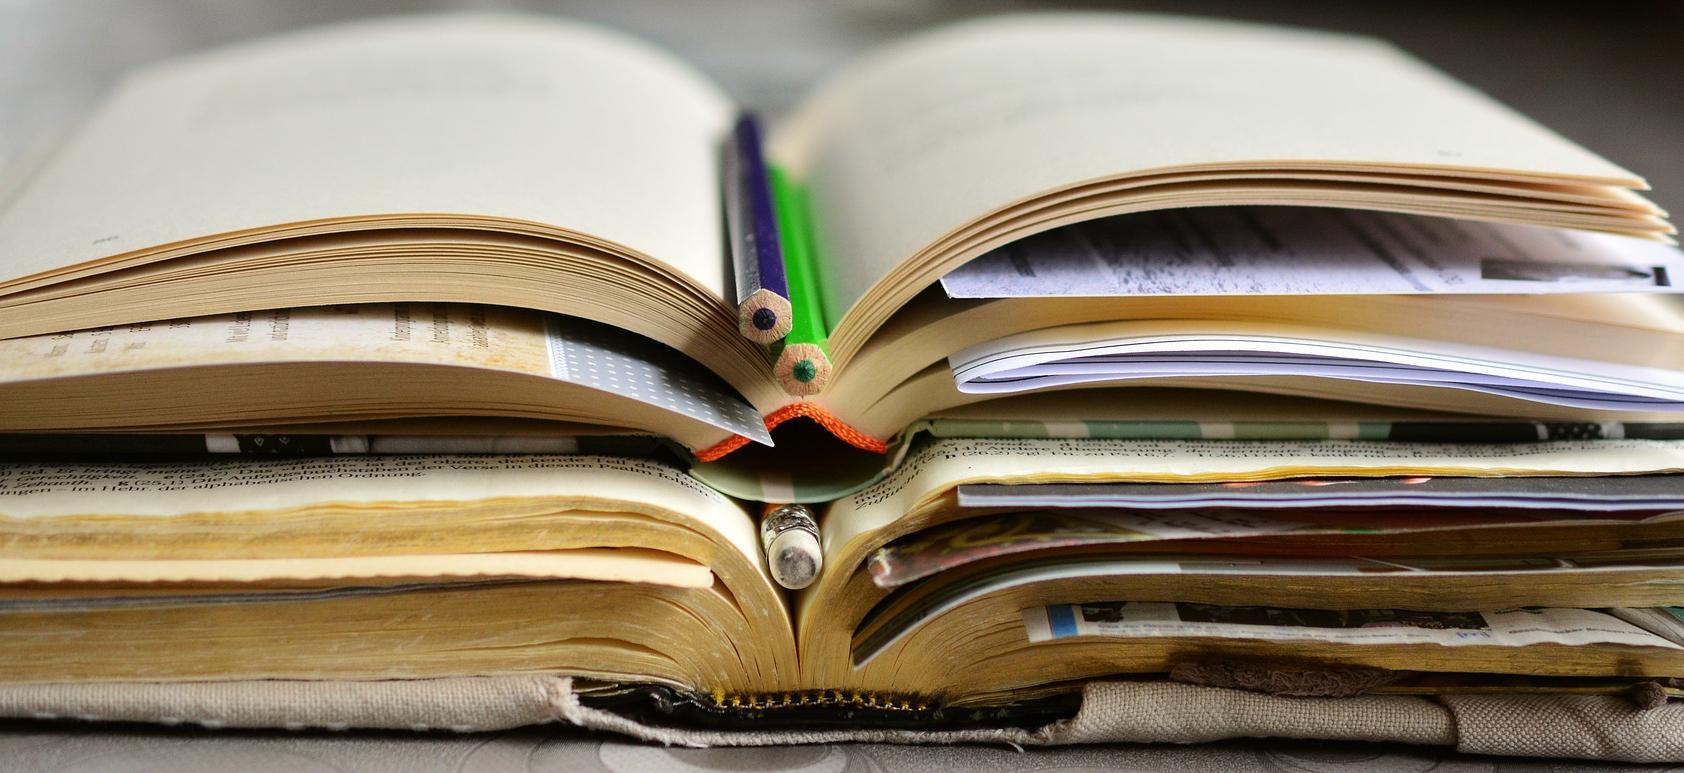 Libro abierto con lápices dentro